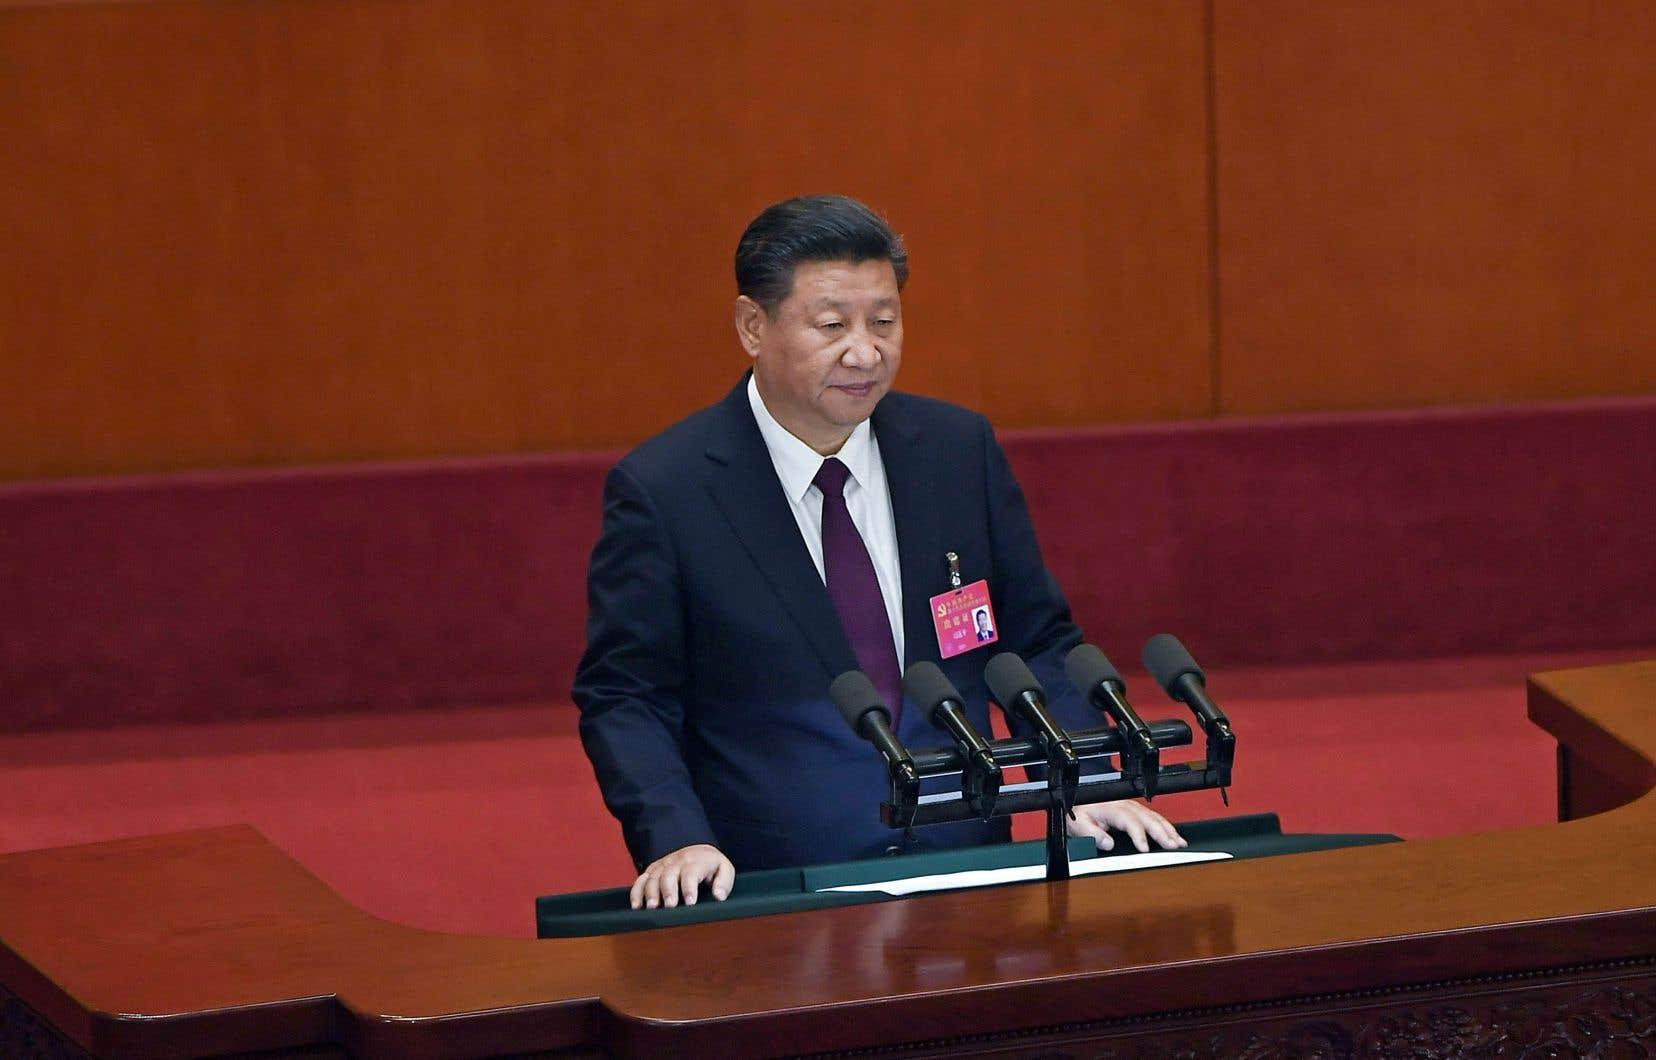 Le président Xi Jinping prononçait son discours d'ouverture du congrès du Parti communiste chinois à Pékin le 18 octobre dernier.